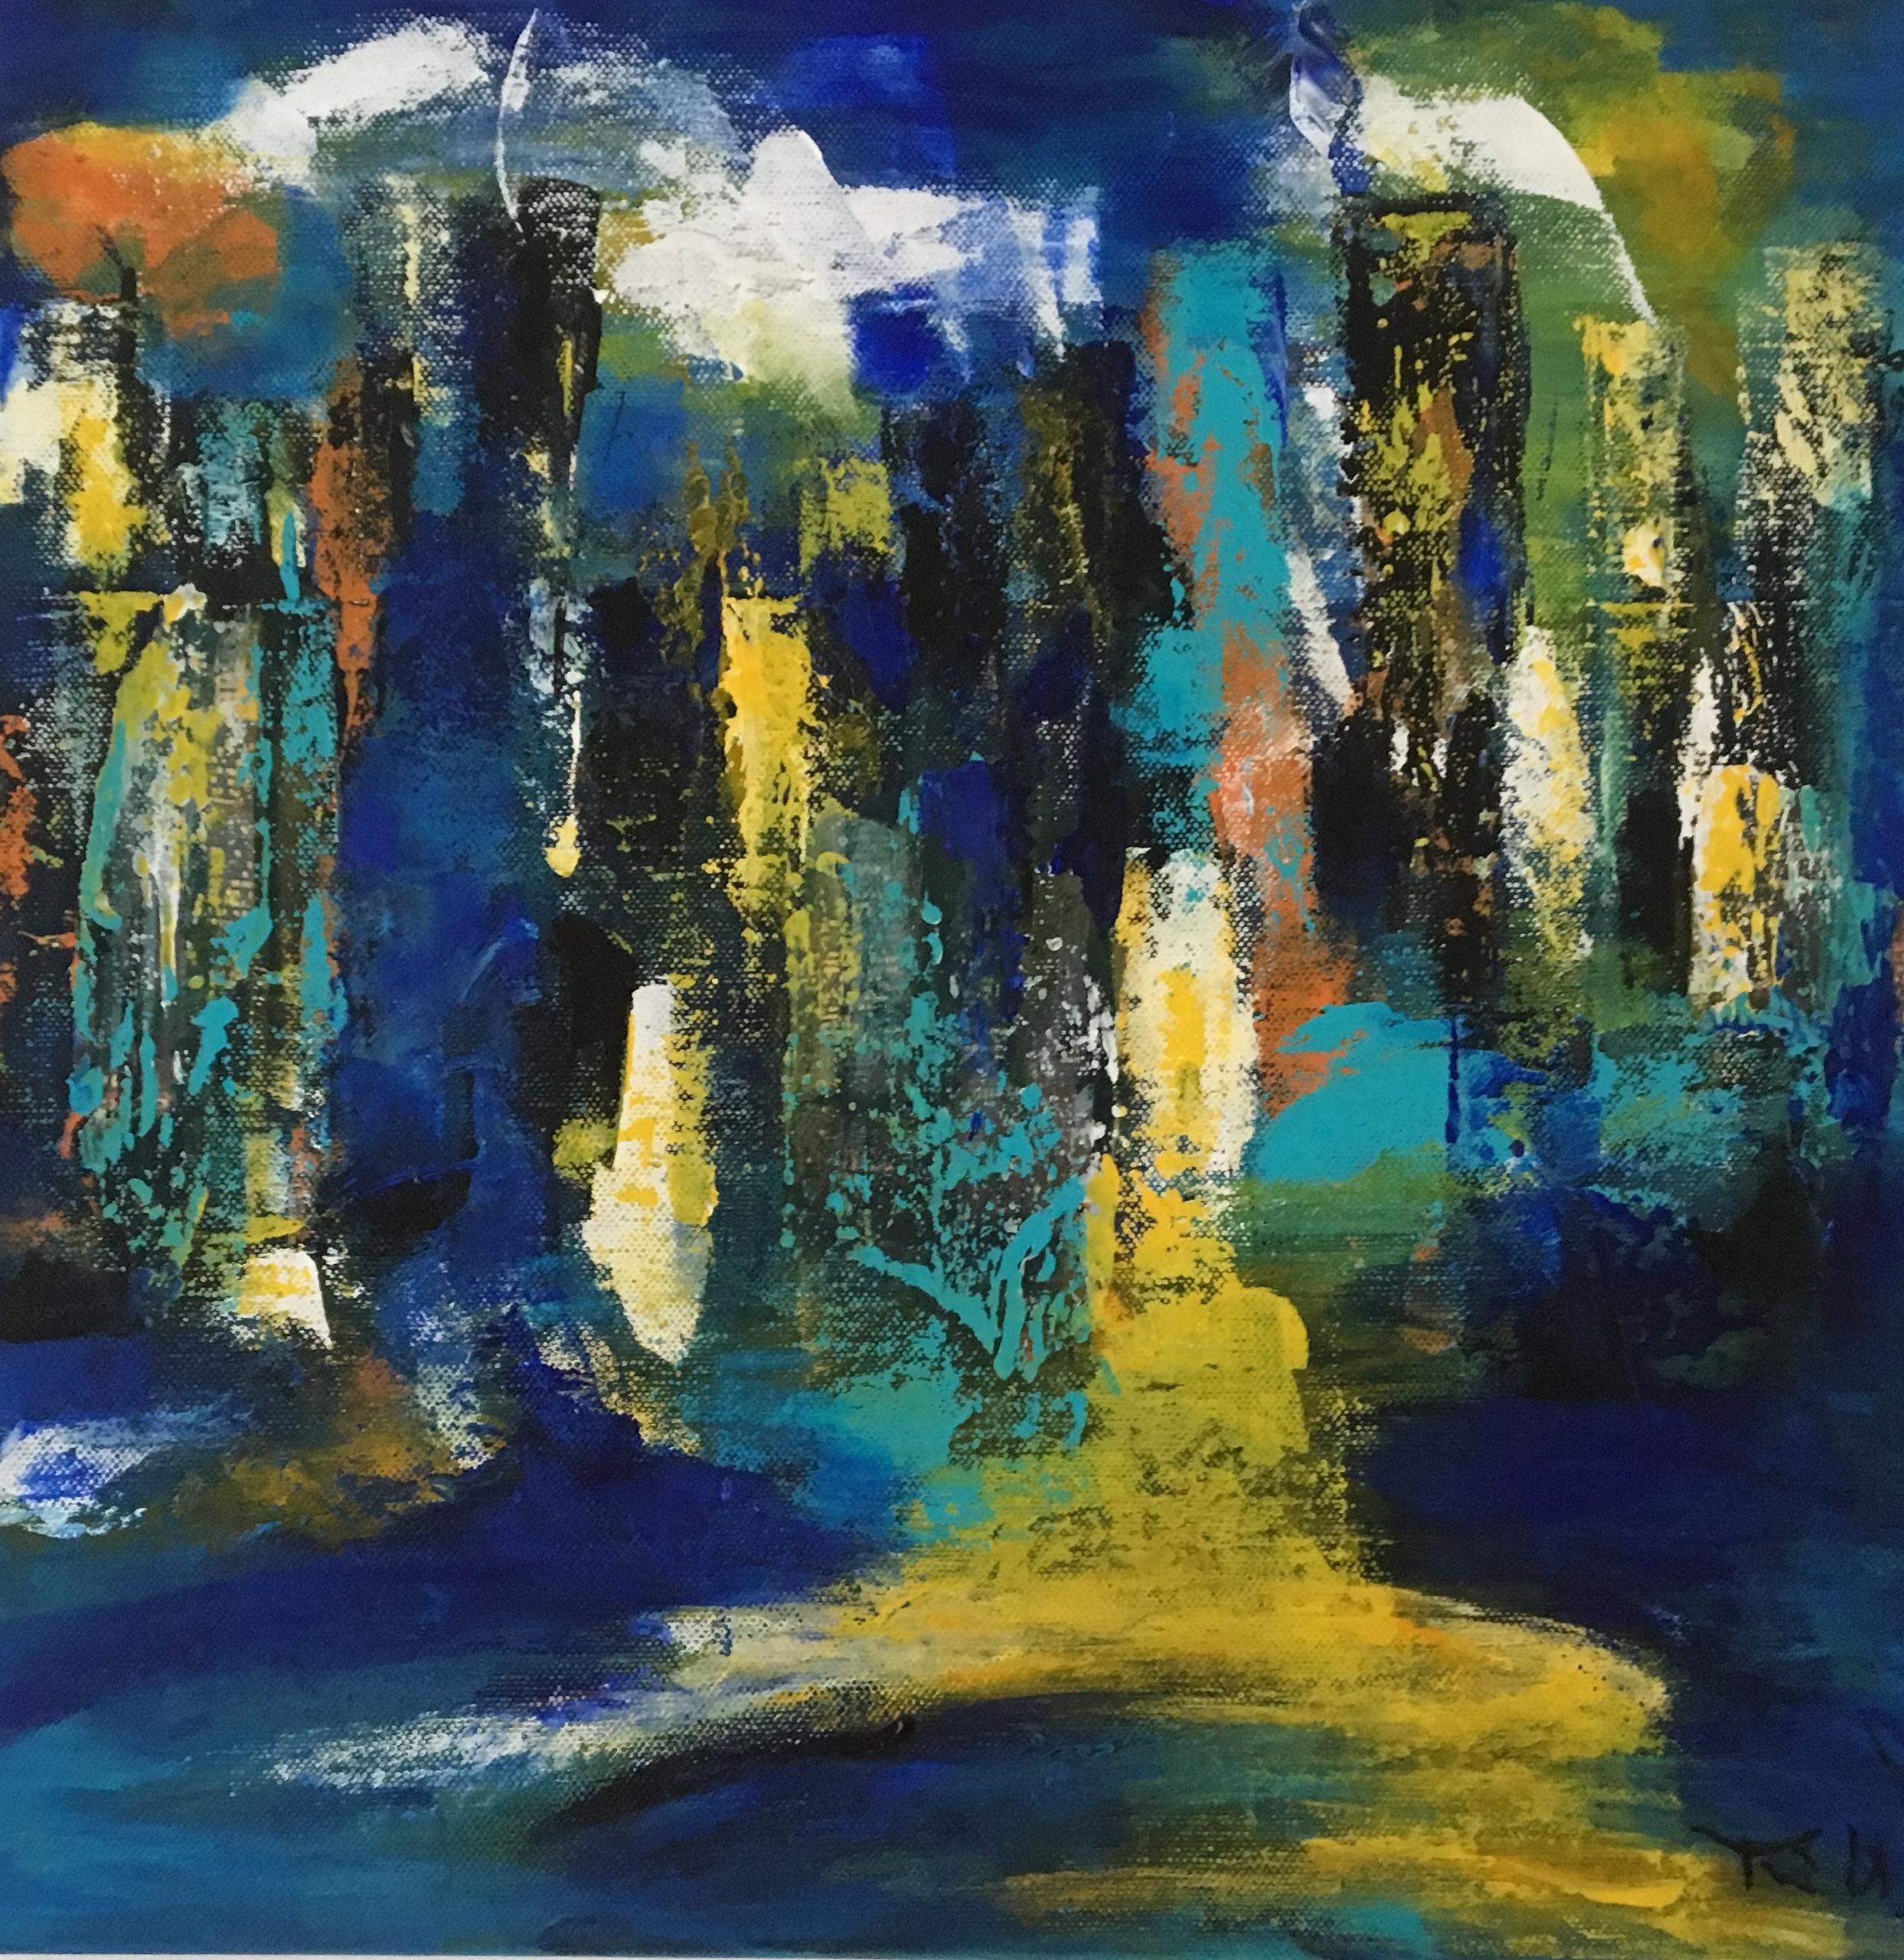 Det pulserende New York flyder ud med neonlys, vand og huse. Maleriet er både collage og malede indtryk.